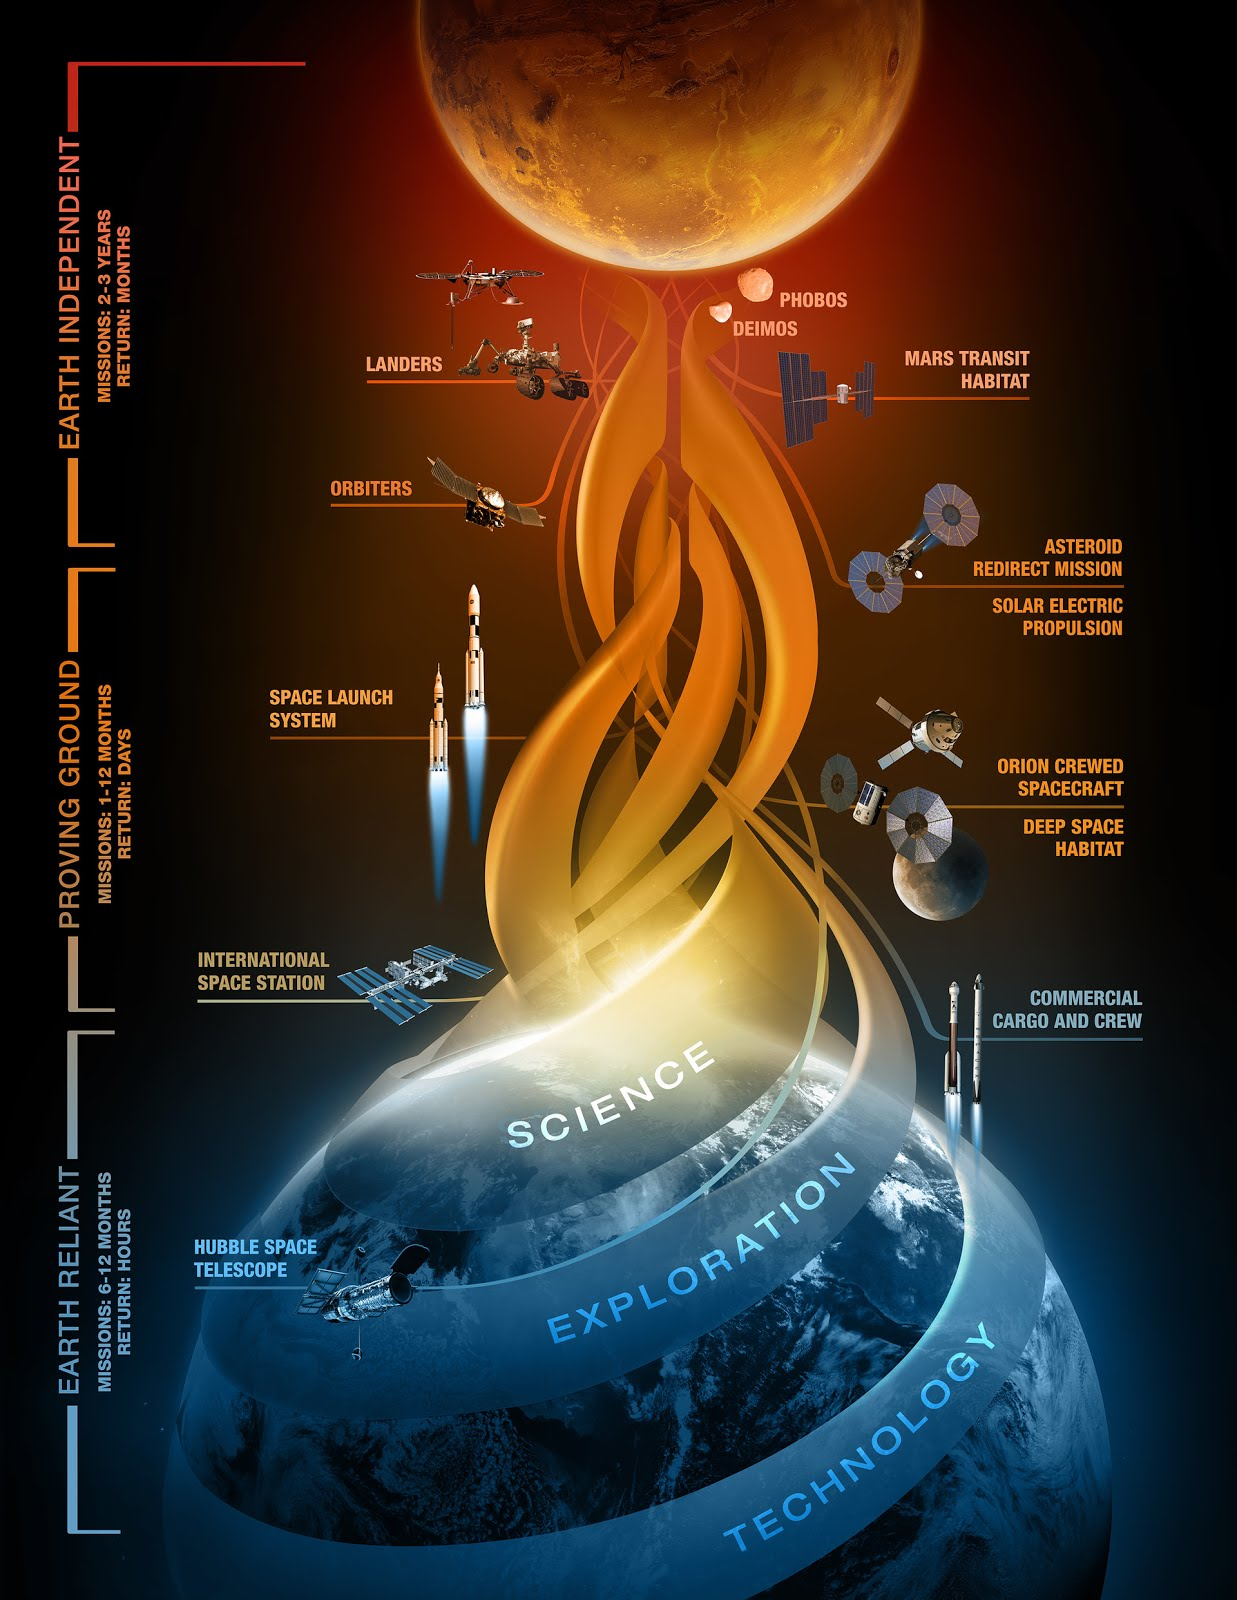 La NASA explica detalles para su viaje a Marte.